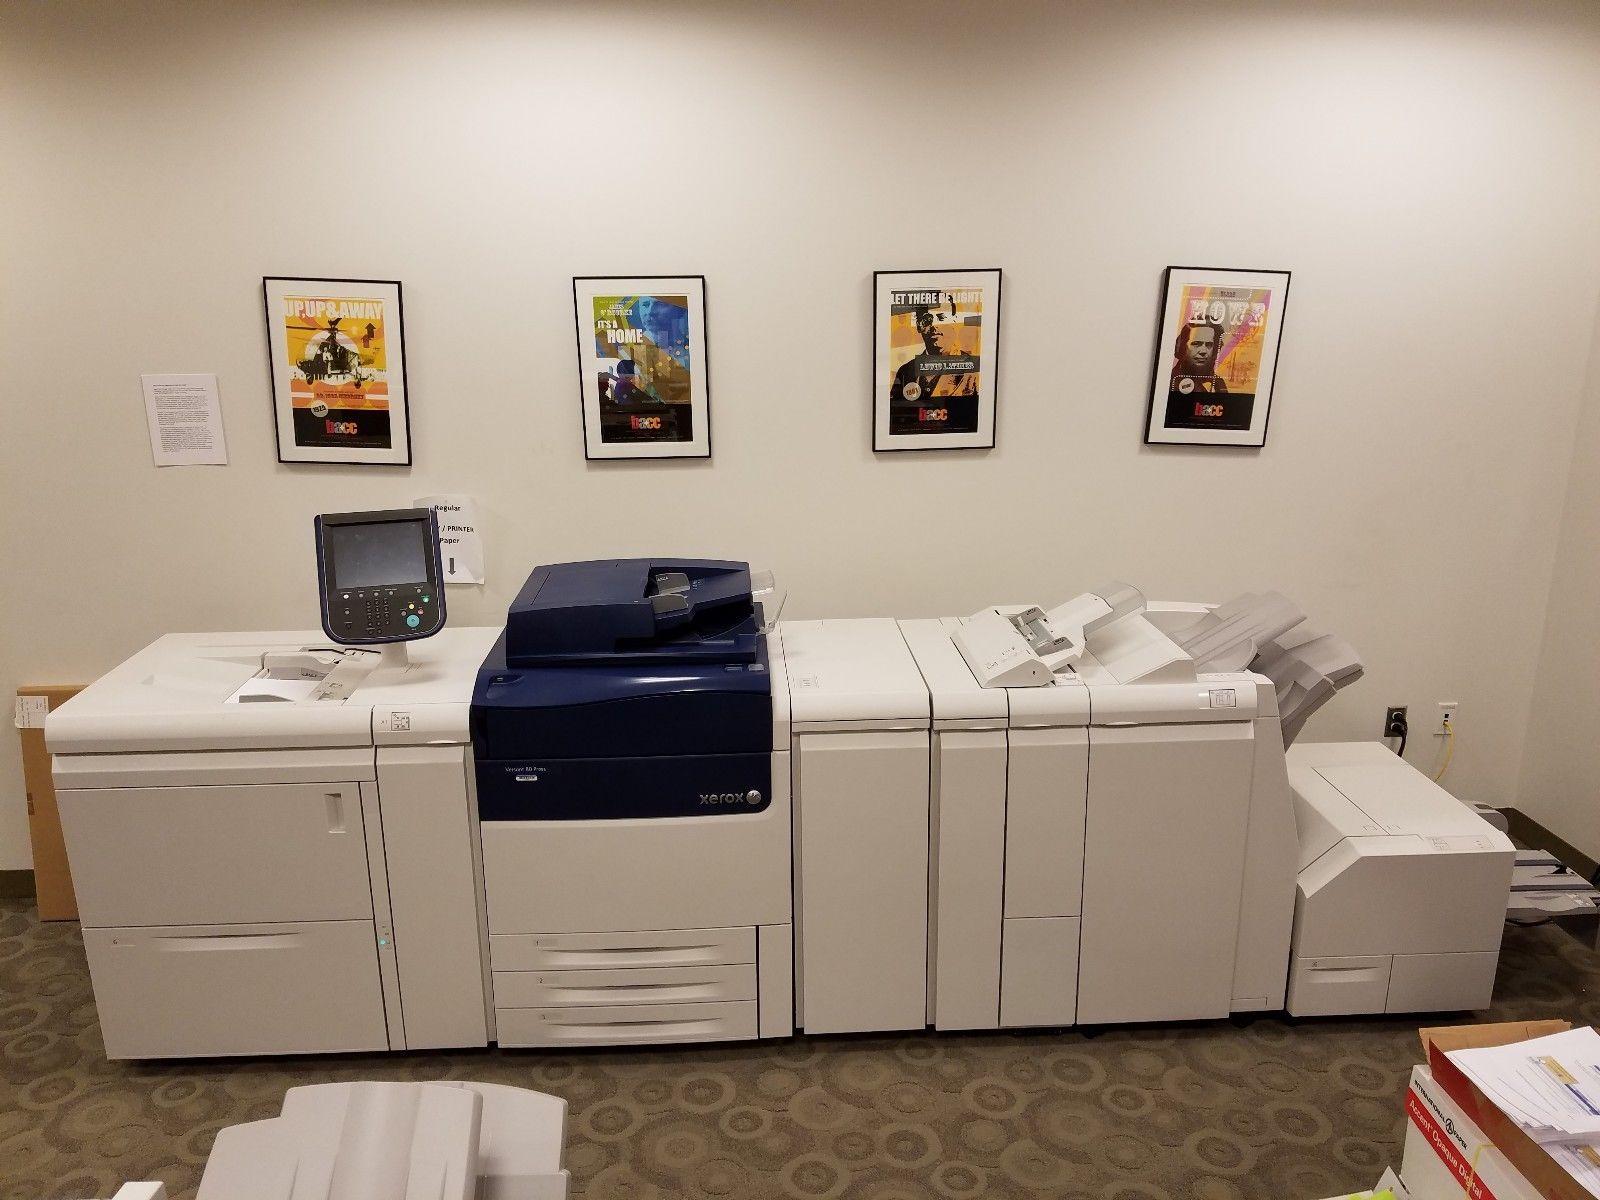 Xerox Versant 80 Εκτυπωτής μηχάνημα εκτύπωσης